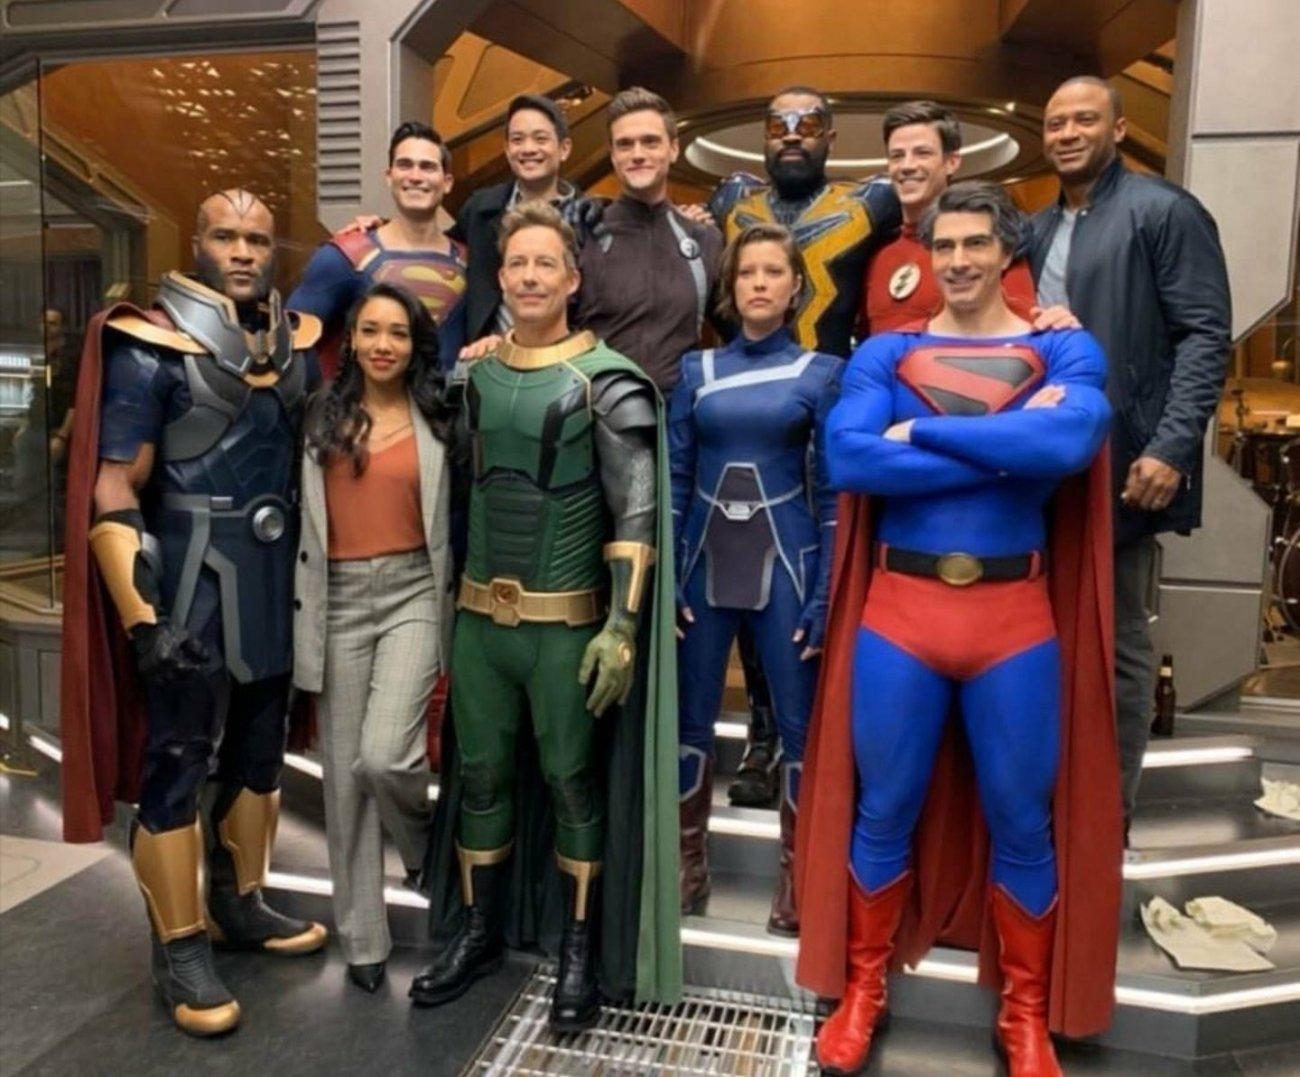 Tom Cavanagh como Pariah y otros miembros del elenco de Crisis on Infinite Earths. Imagen: Pagey Twitter (@Pagmyst).